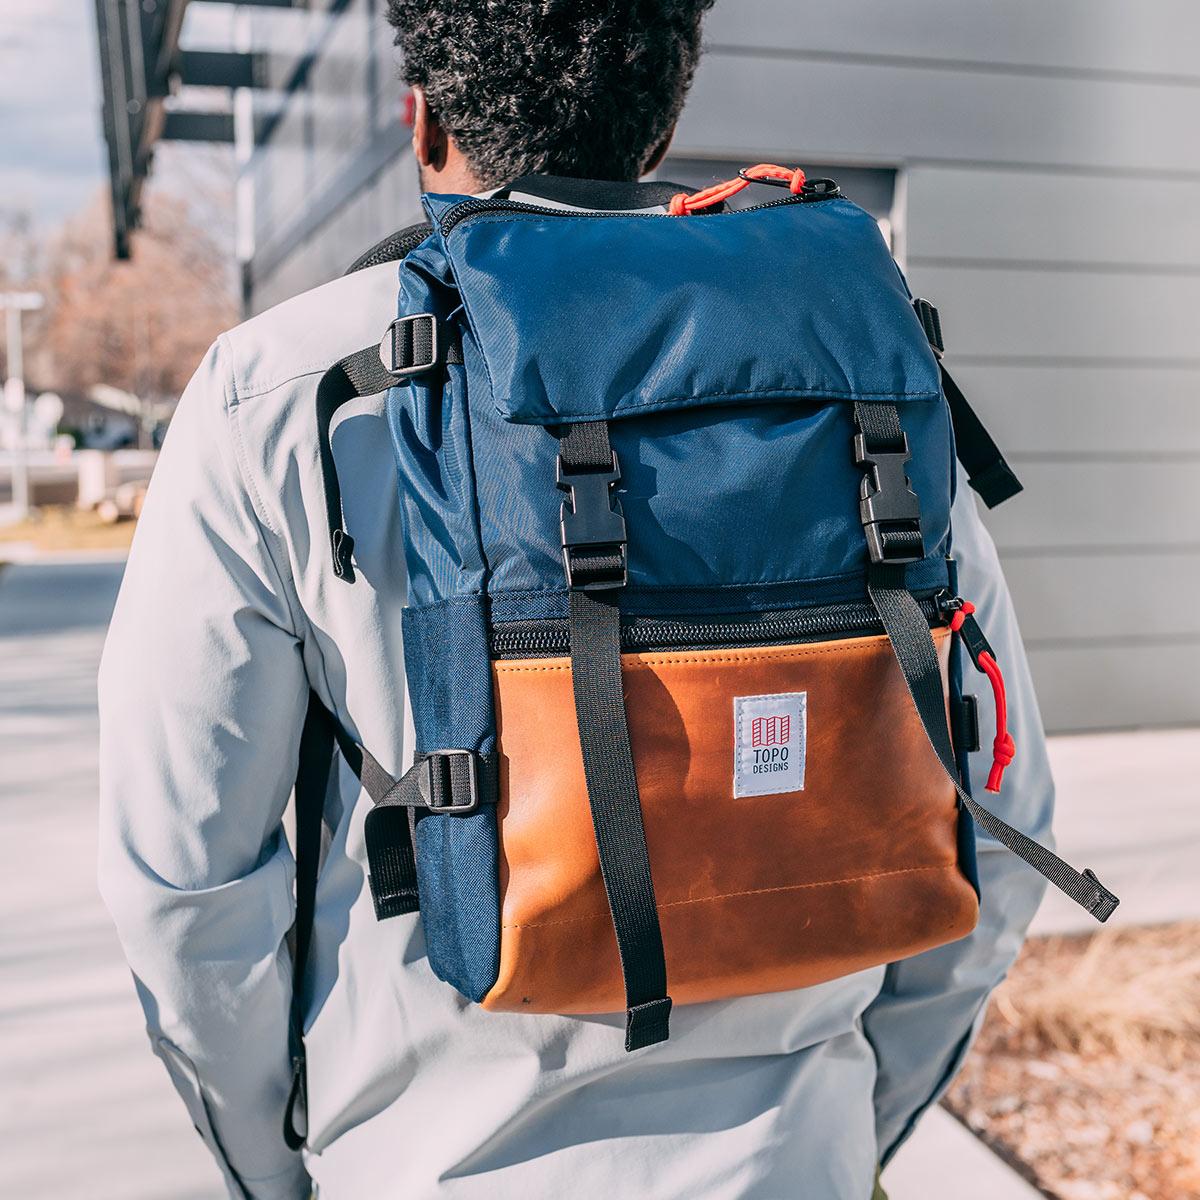 Topo Designs Rover Pack Heritage Navy/Brown Leather, tijdloze rugzak met moderne functionaliteiten voor dagelijks gebruik